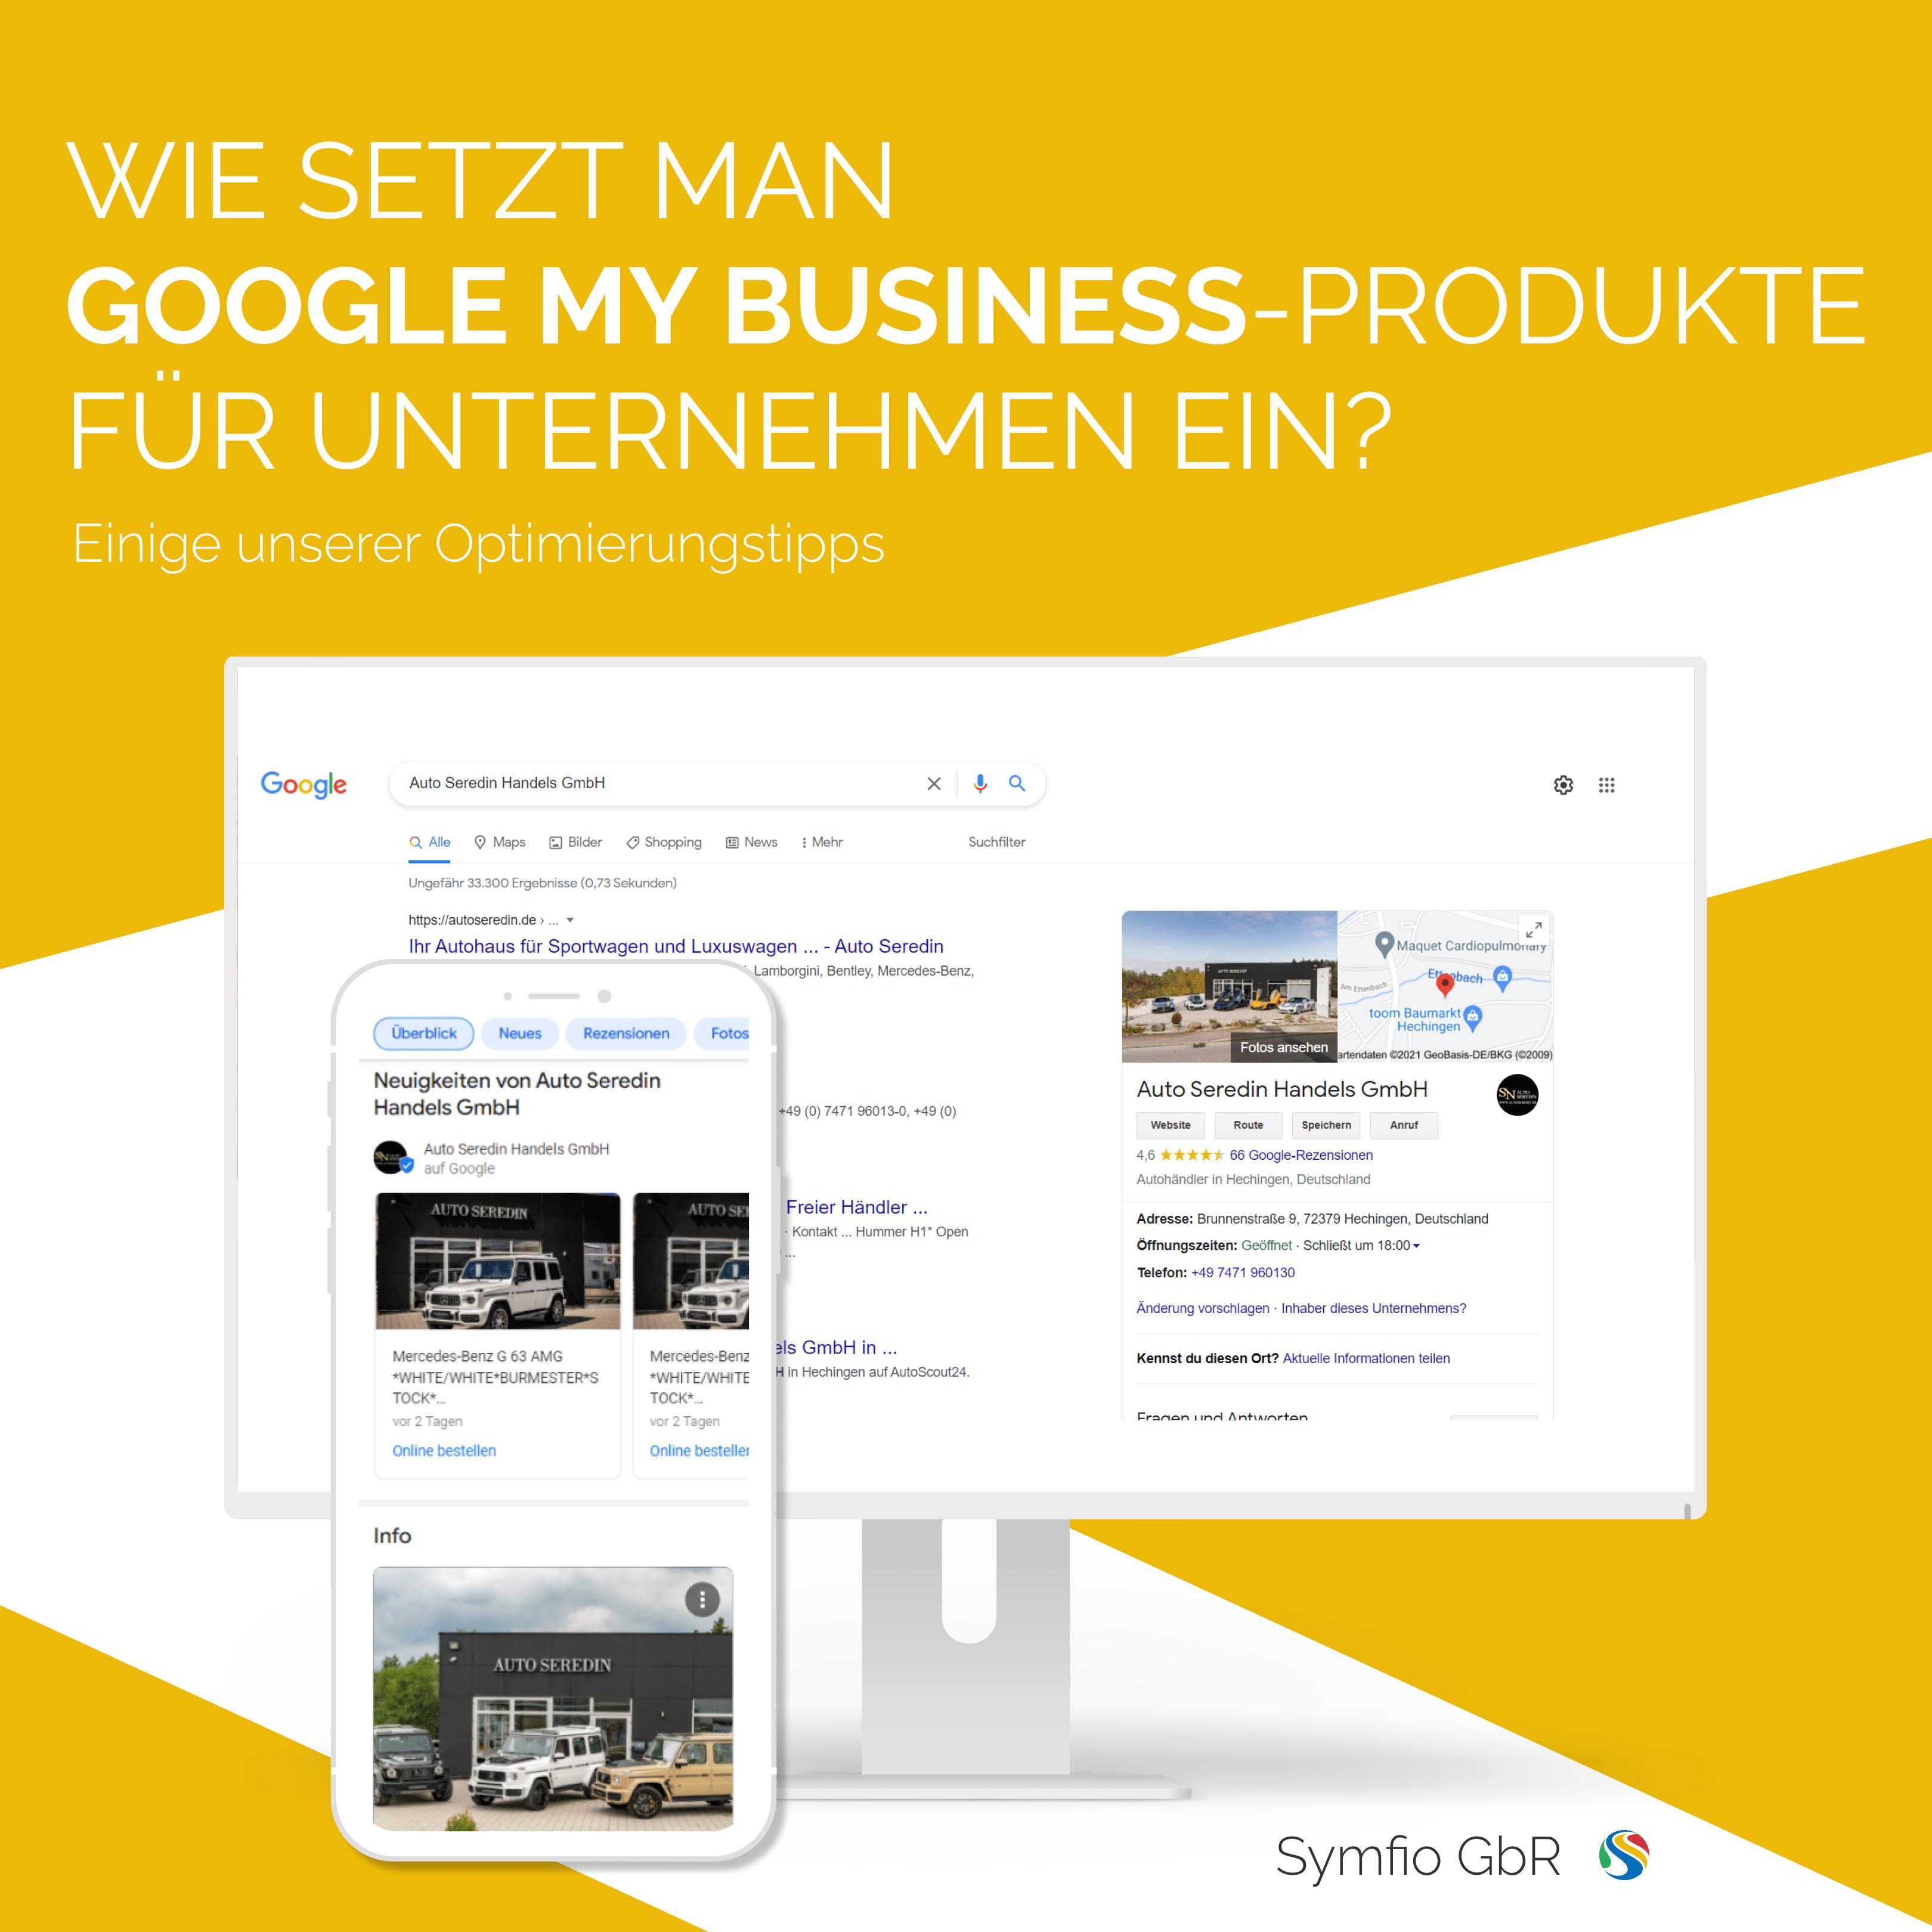 Google My Business-Produkte für Unternehmen